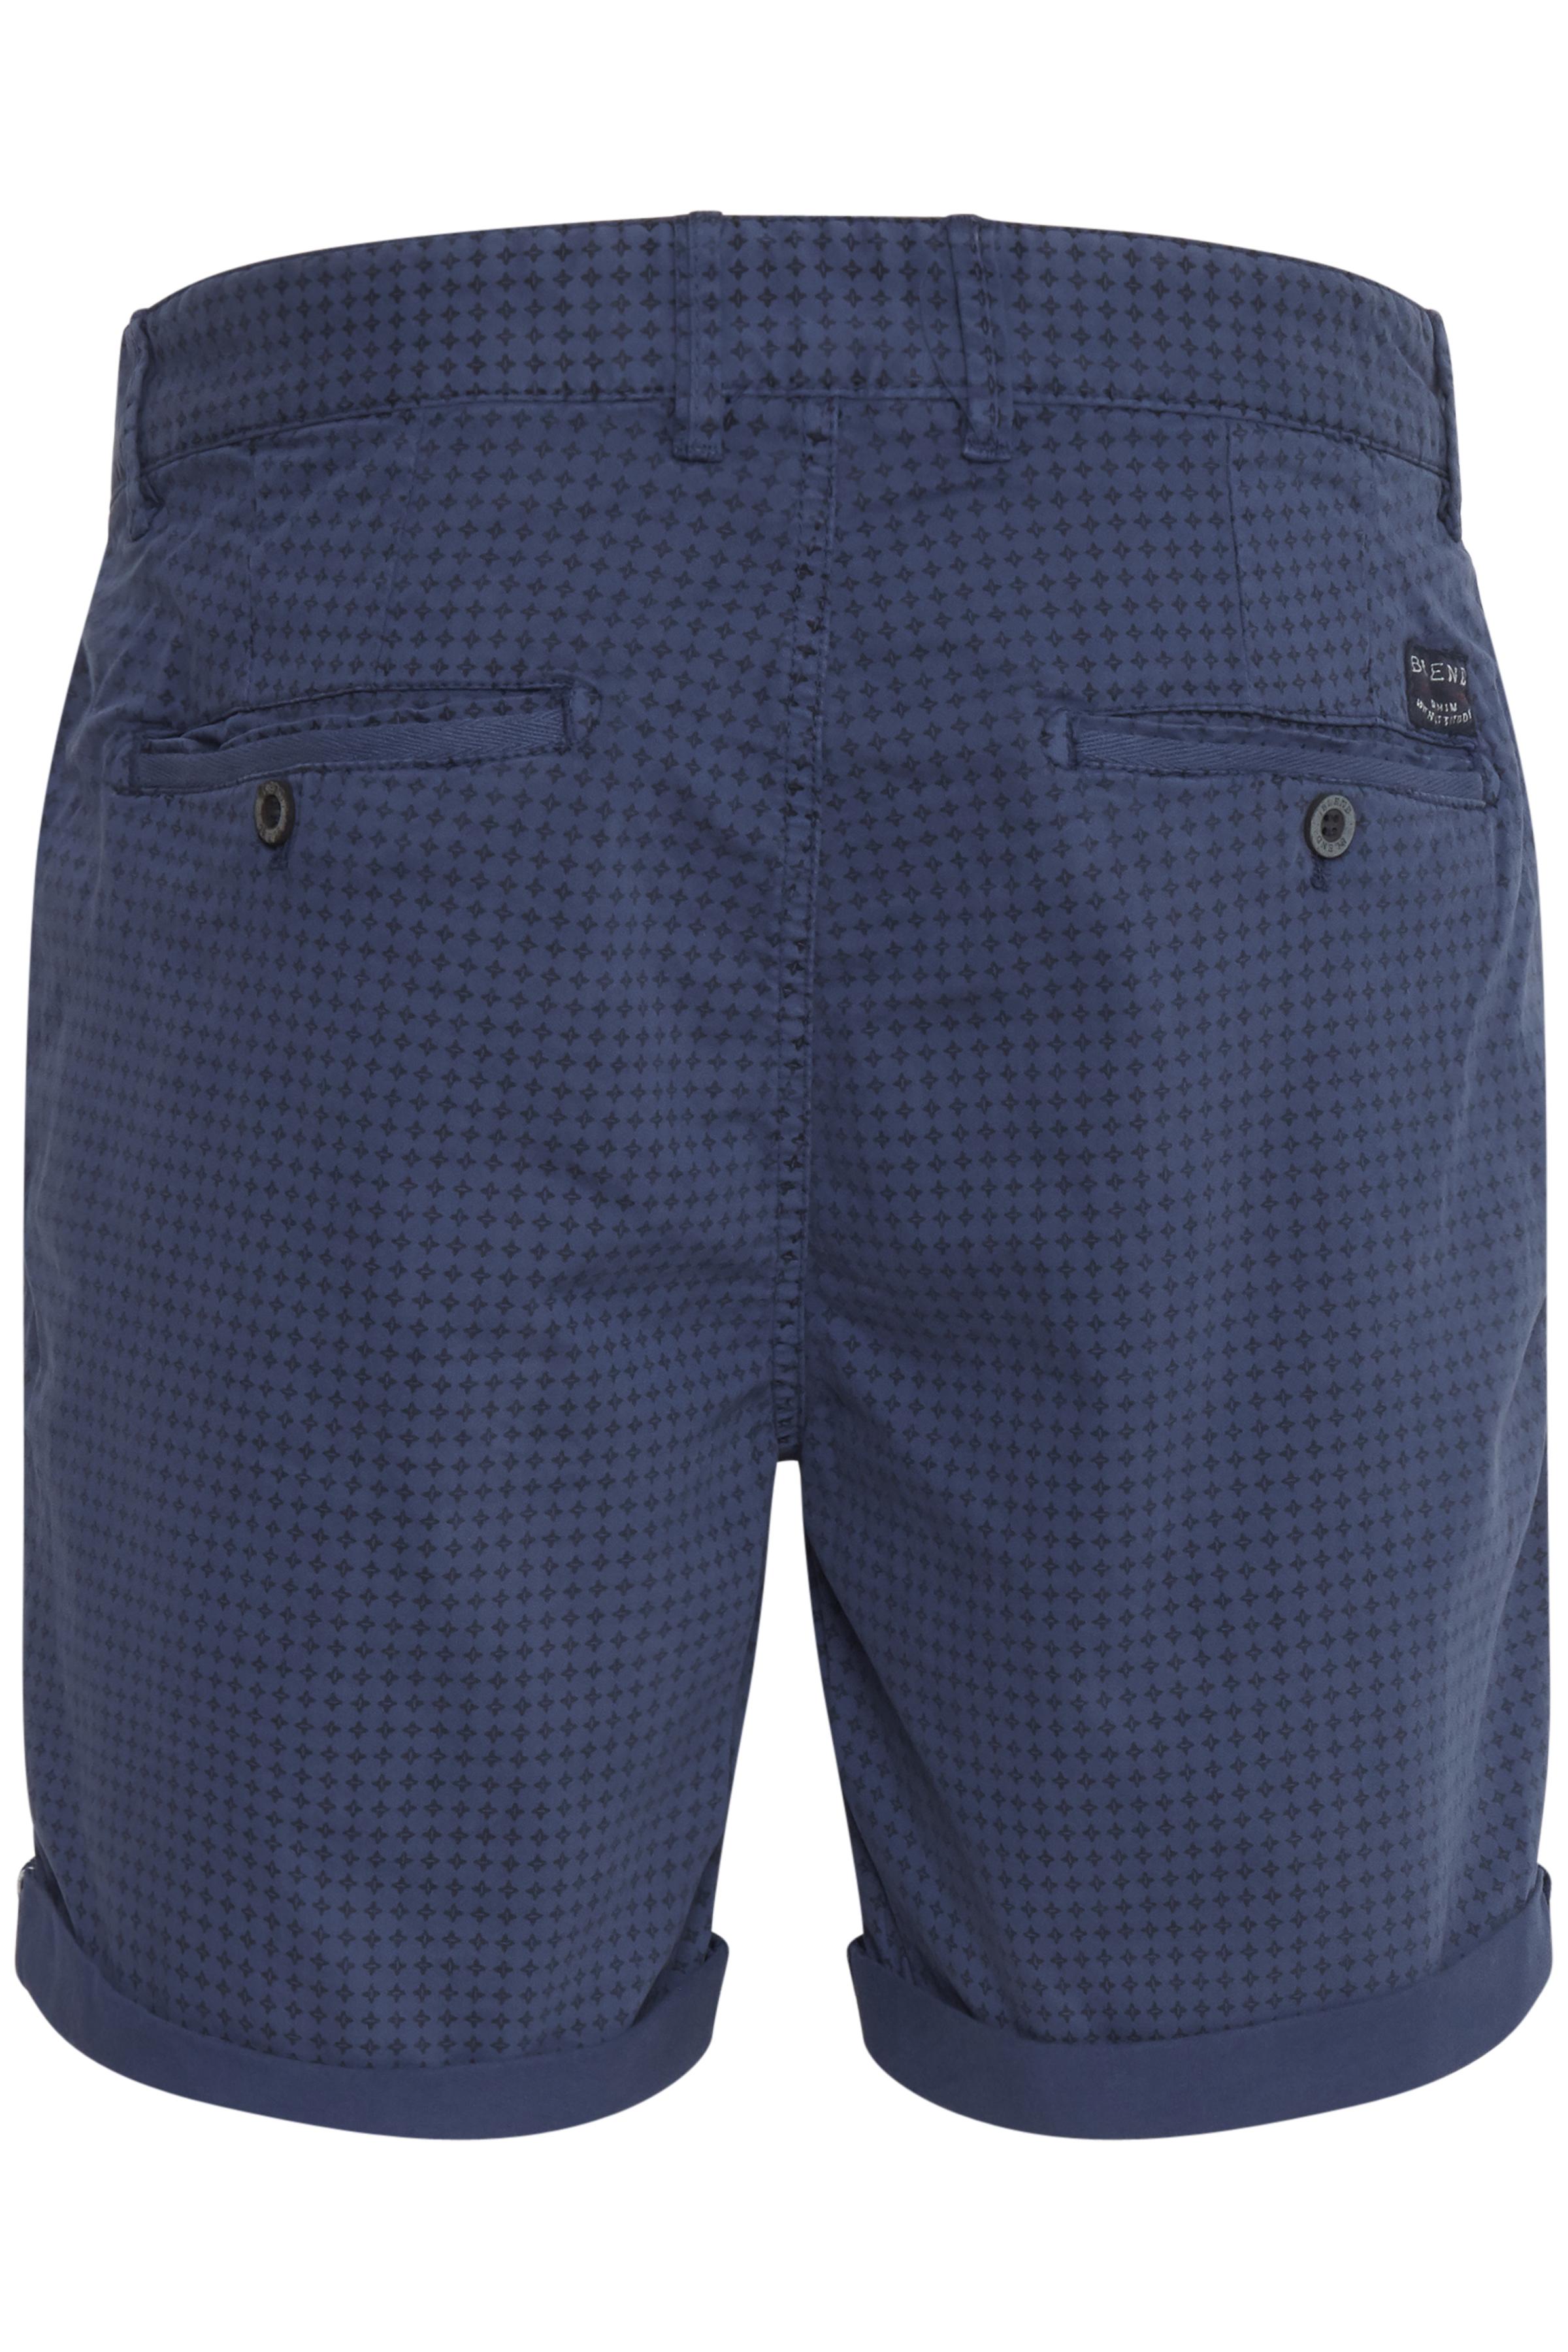 Denim Blue Shorts – Køb Denim Blue Shorts fra str. S-XL her